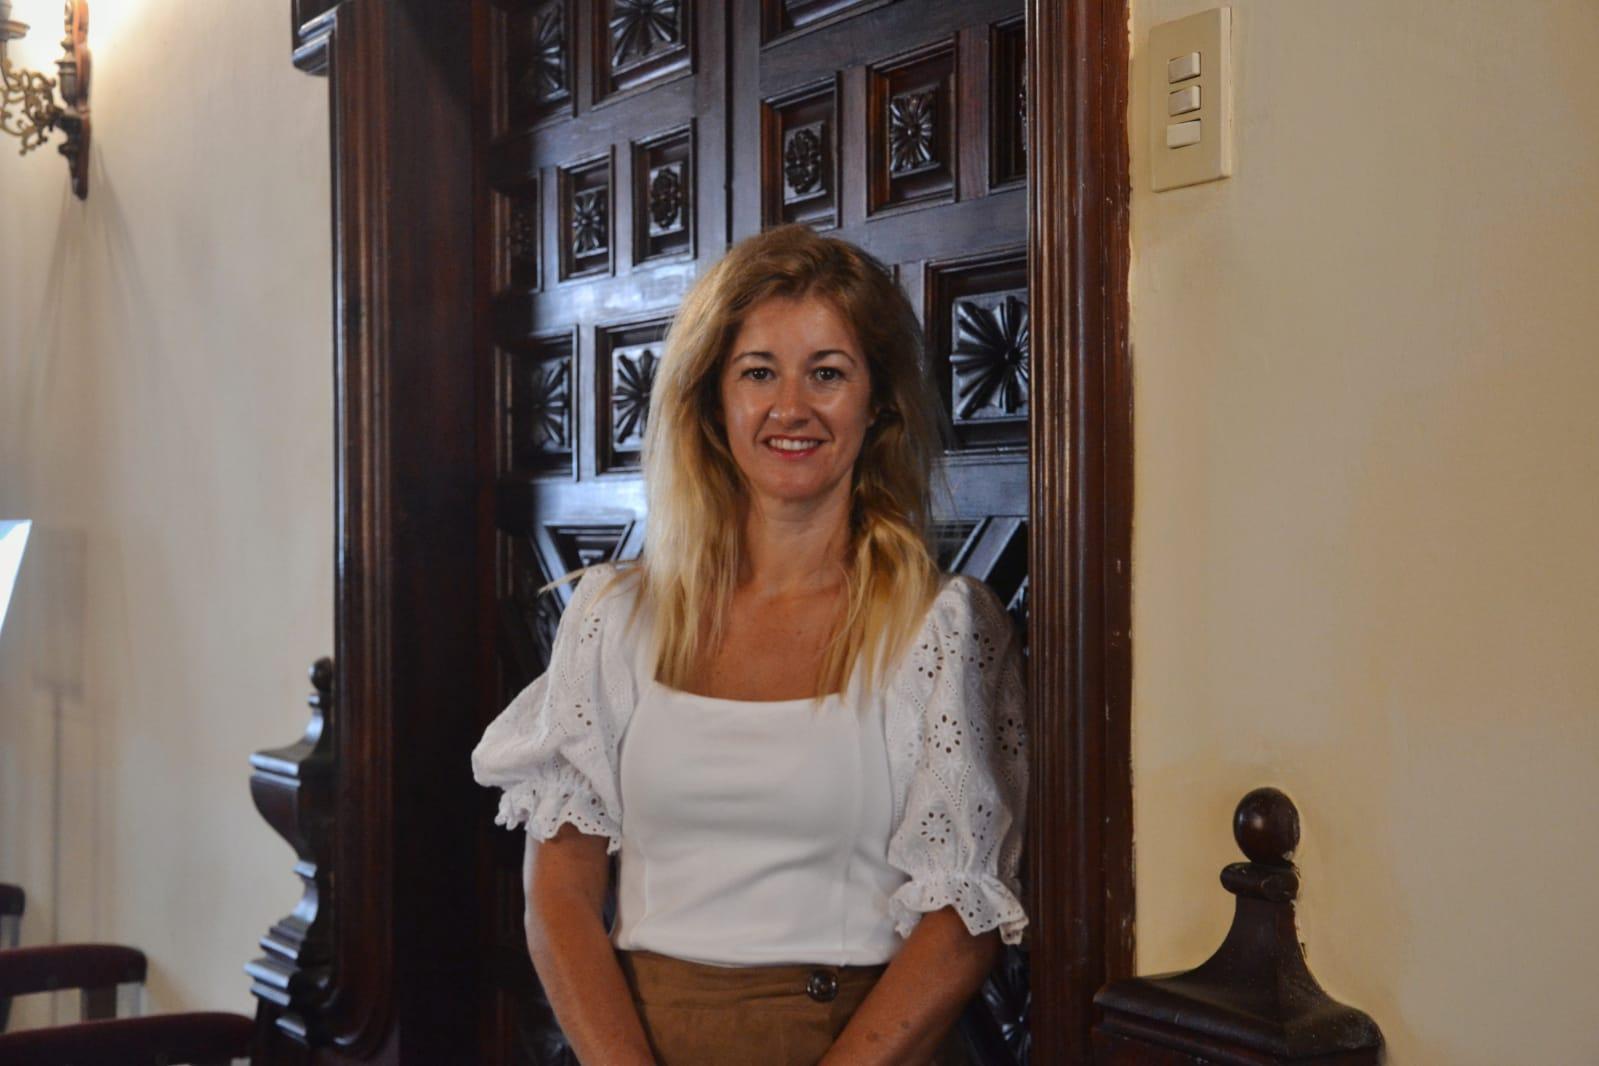 Virginia Espinosa